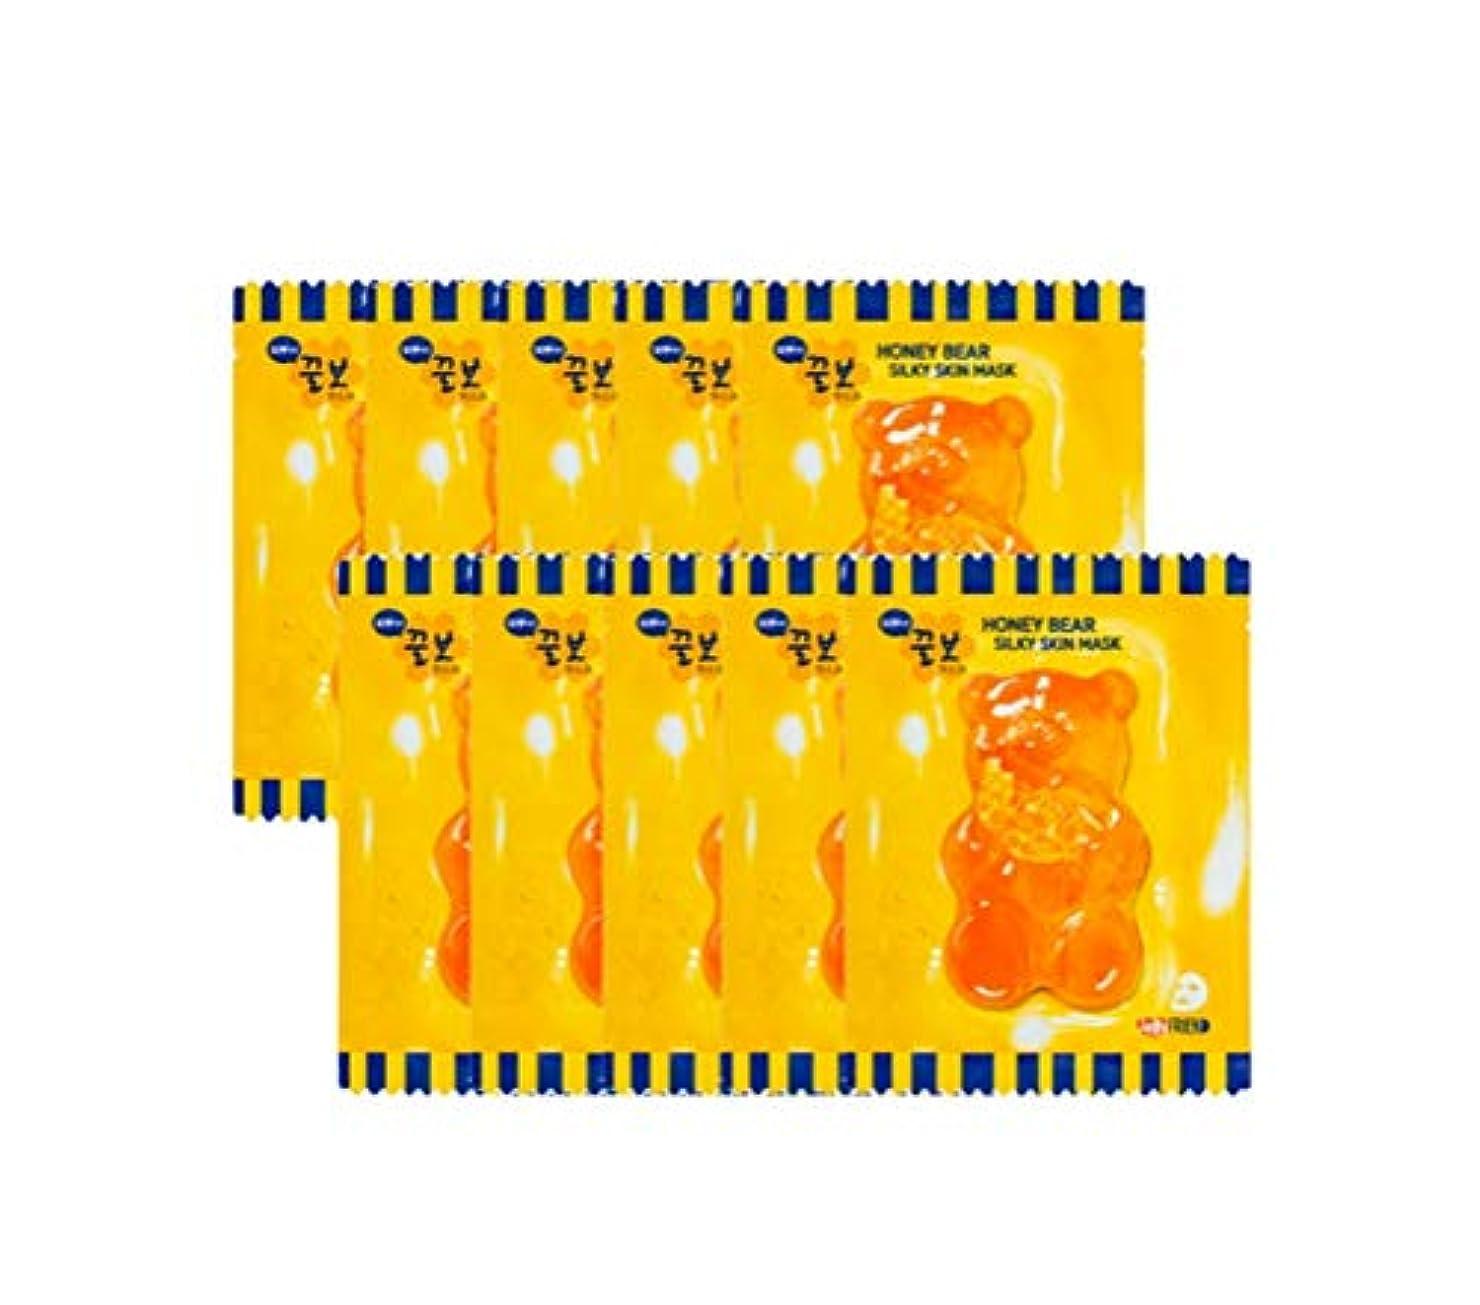 かける補助悪性腫瘍JellyFRIEN Honey Bear Silky Skin Mask 10ea ロイヤルゼリー蜂蜜成分と保湿マスクパック(海外直送品)